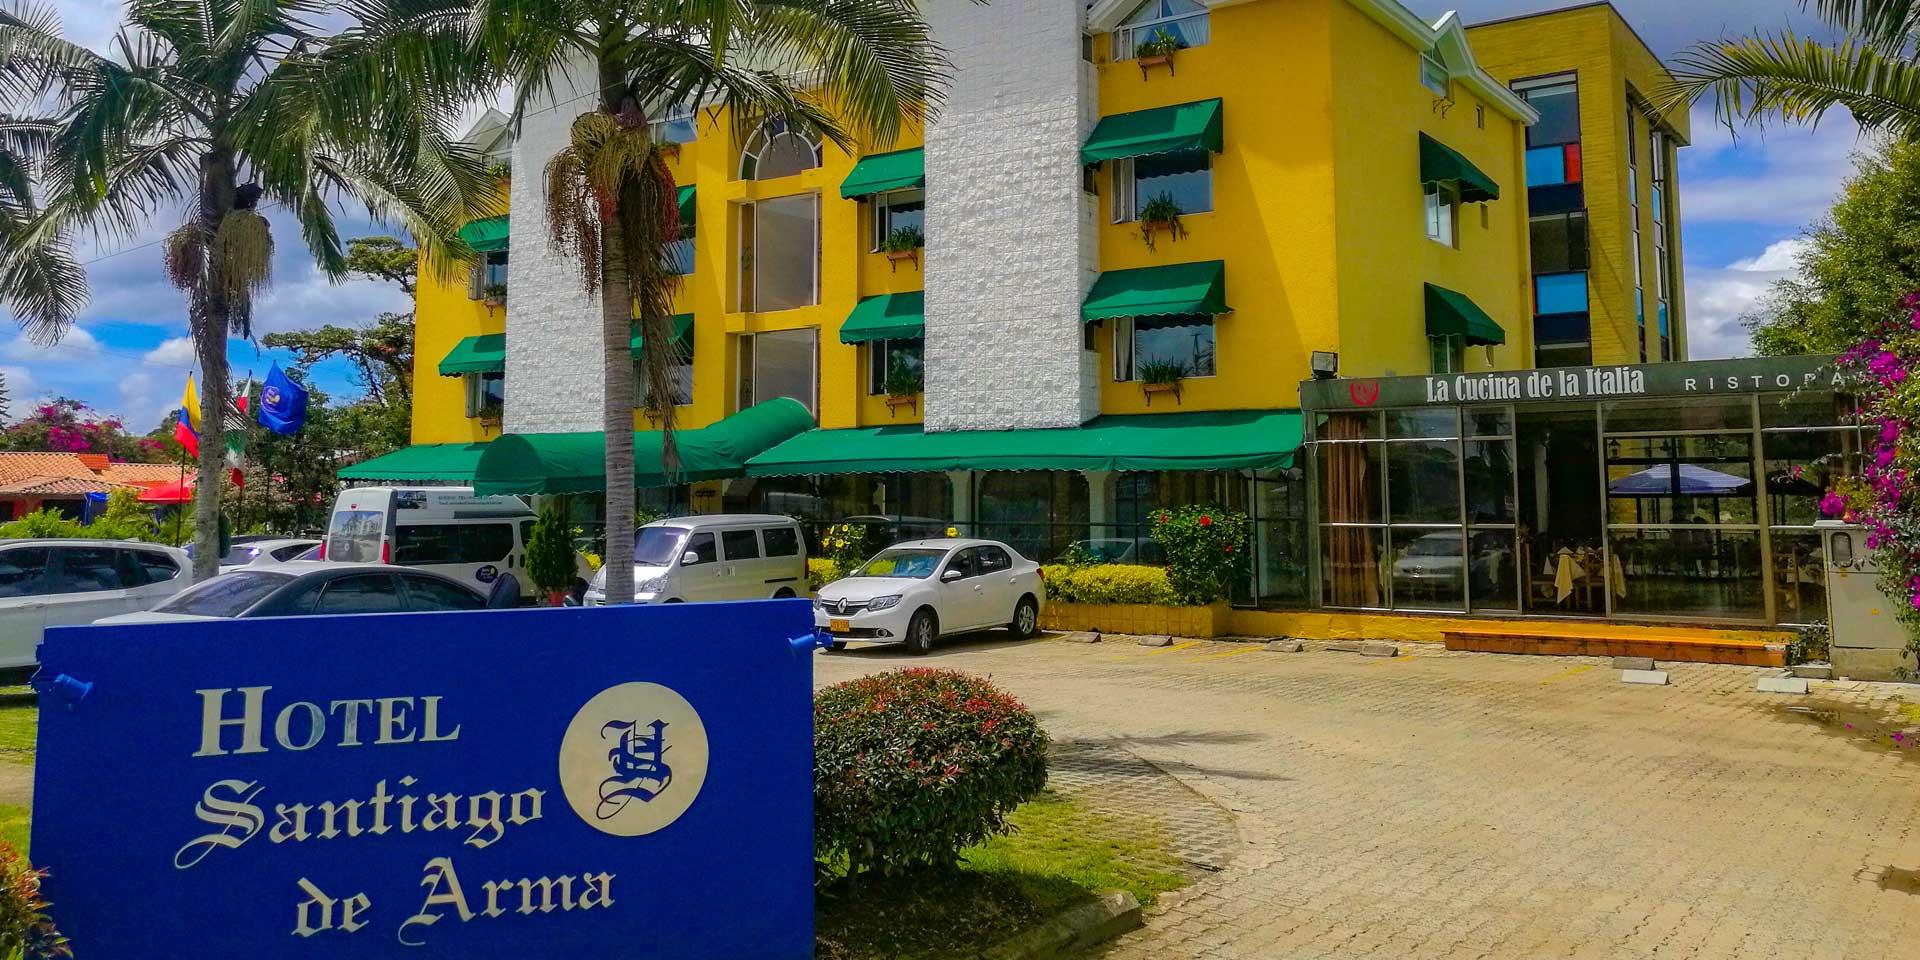 Hotel Santiago Arma